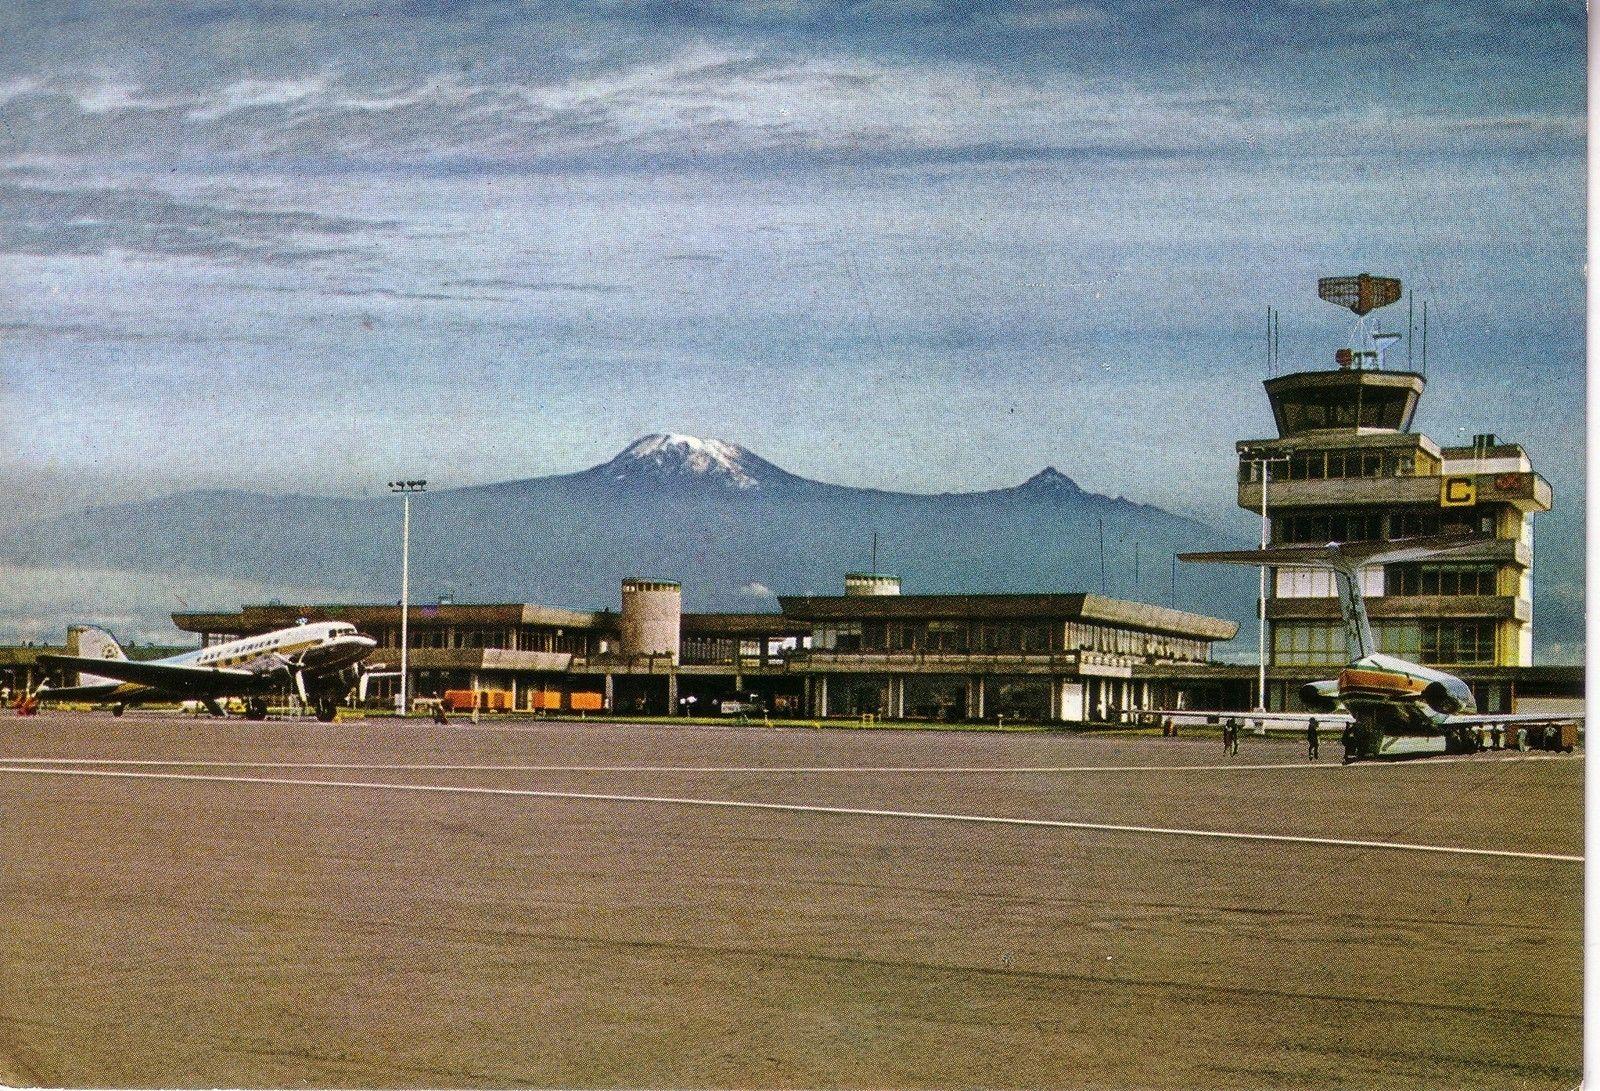 Kilimanjaro Int'l Tanzania 1976